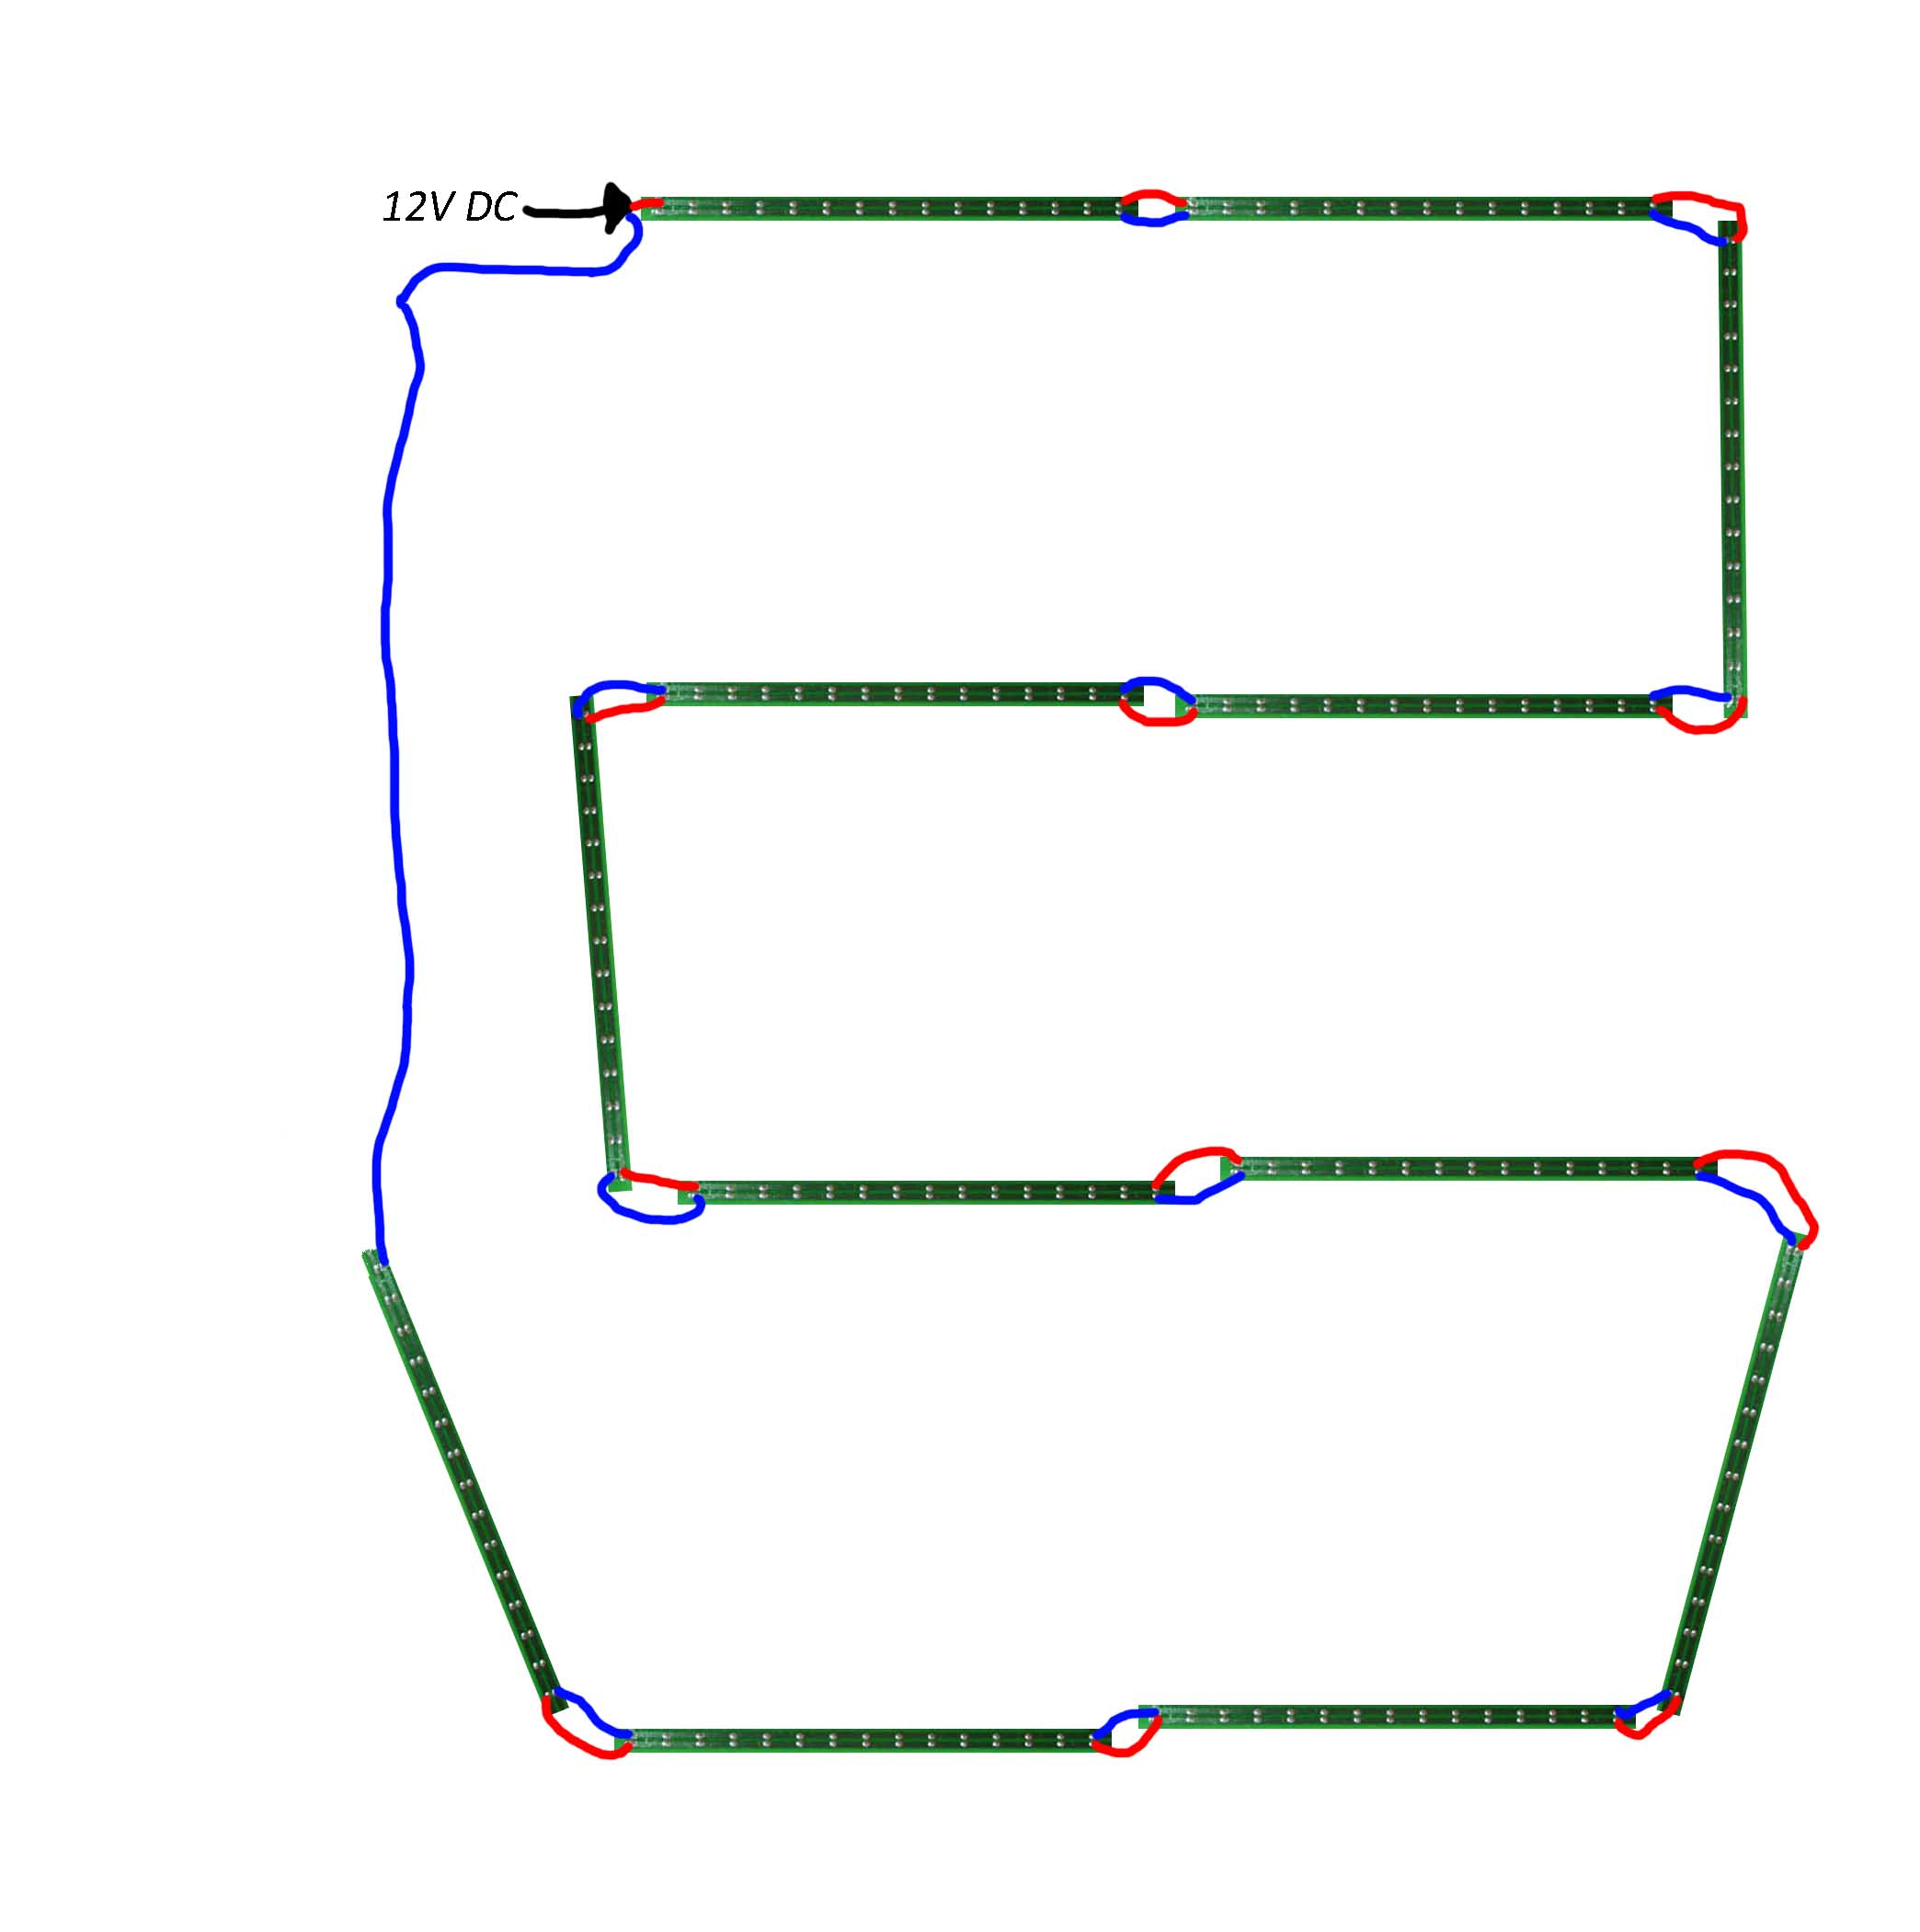 Teknisk spørsmål rundt oppkobling av led dioder